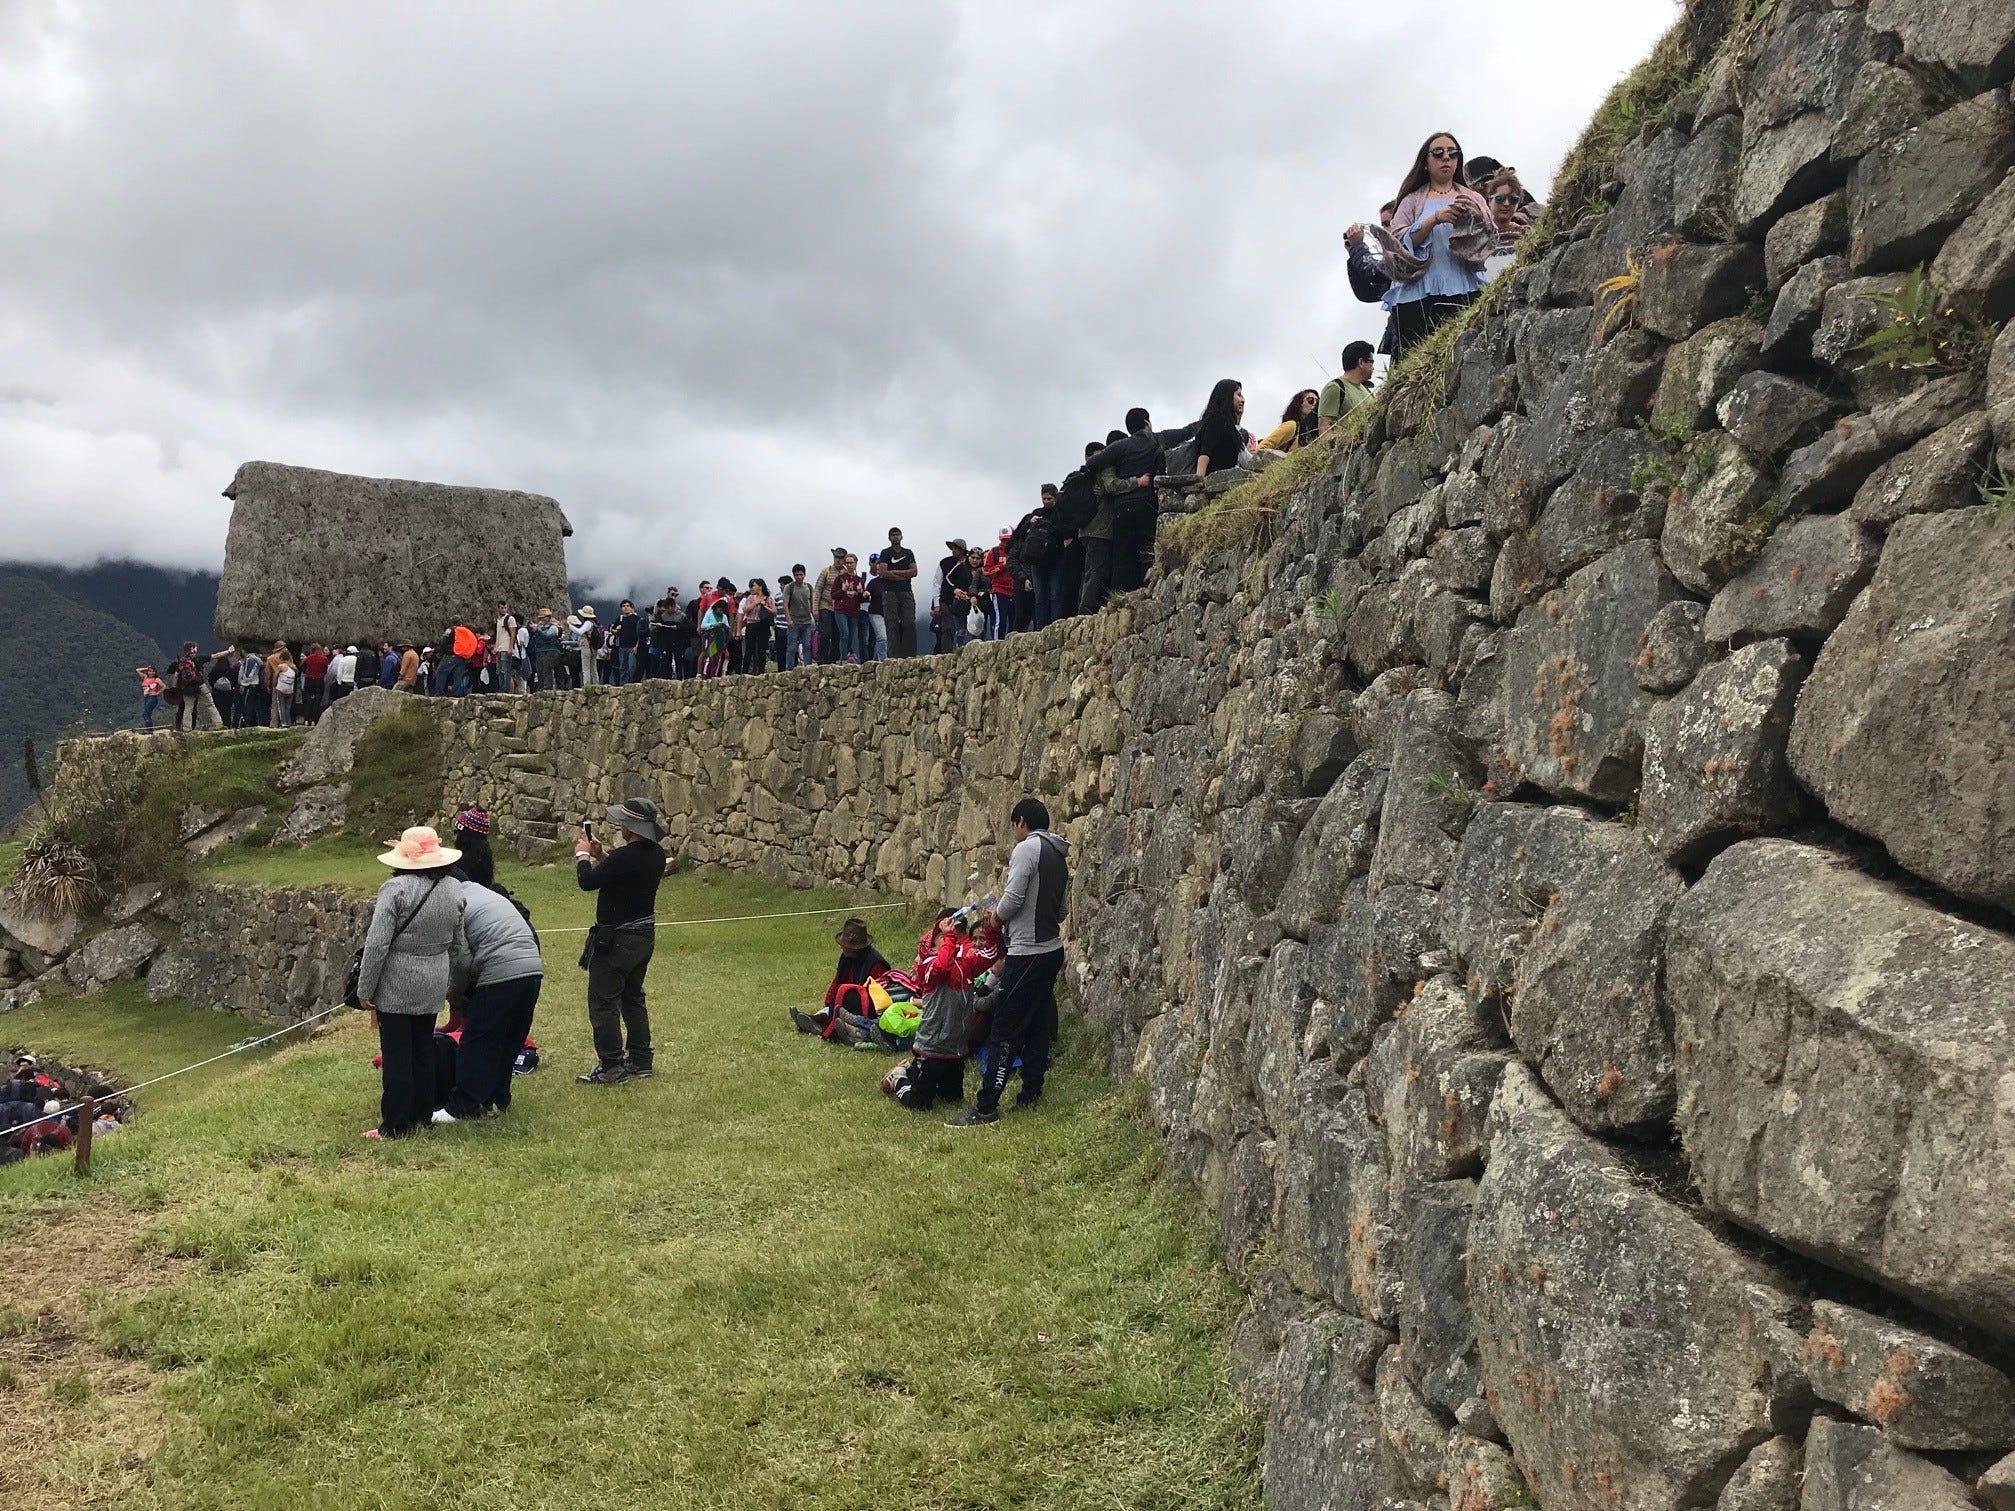 The crowds at Machu Picchu